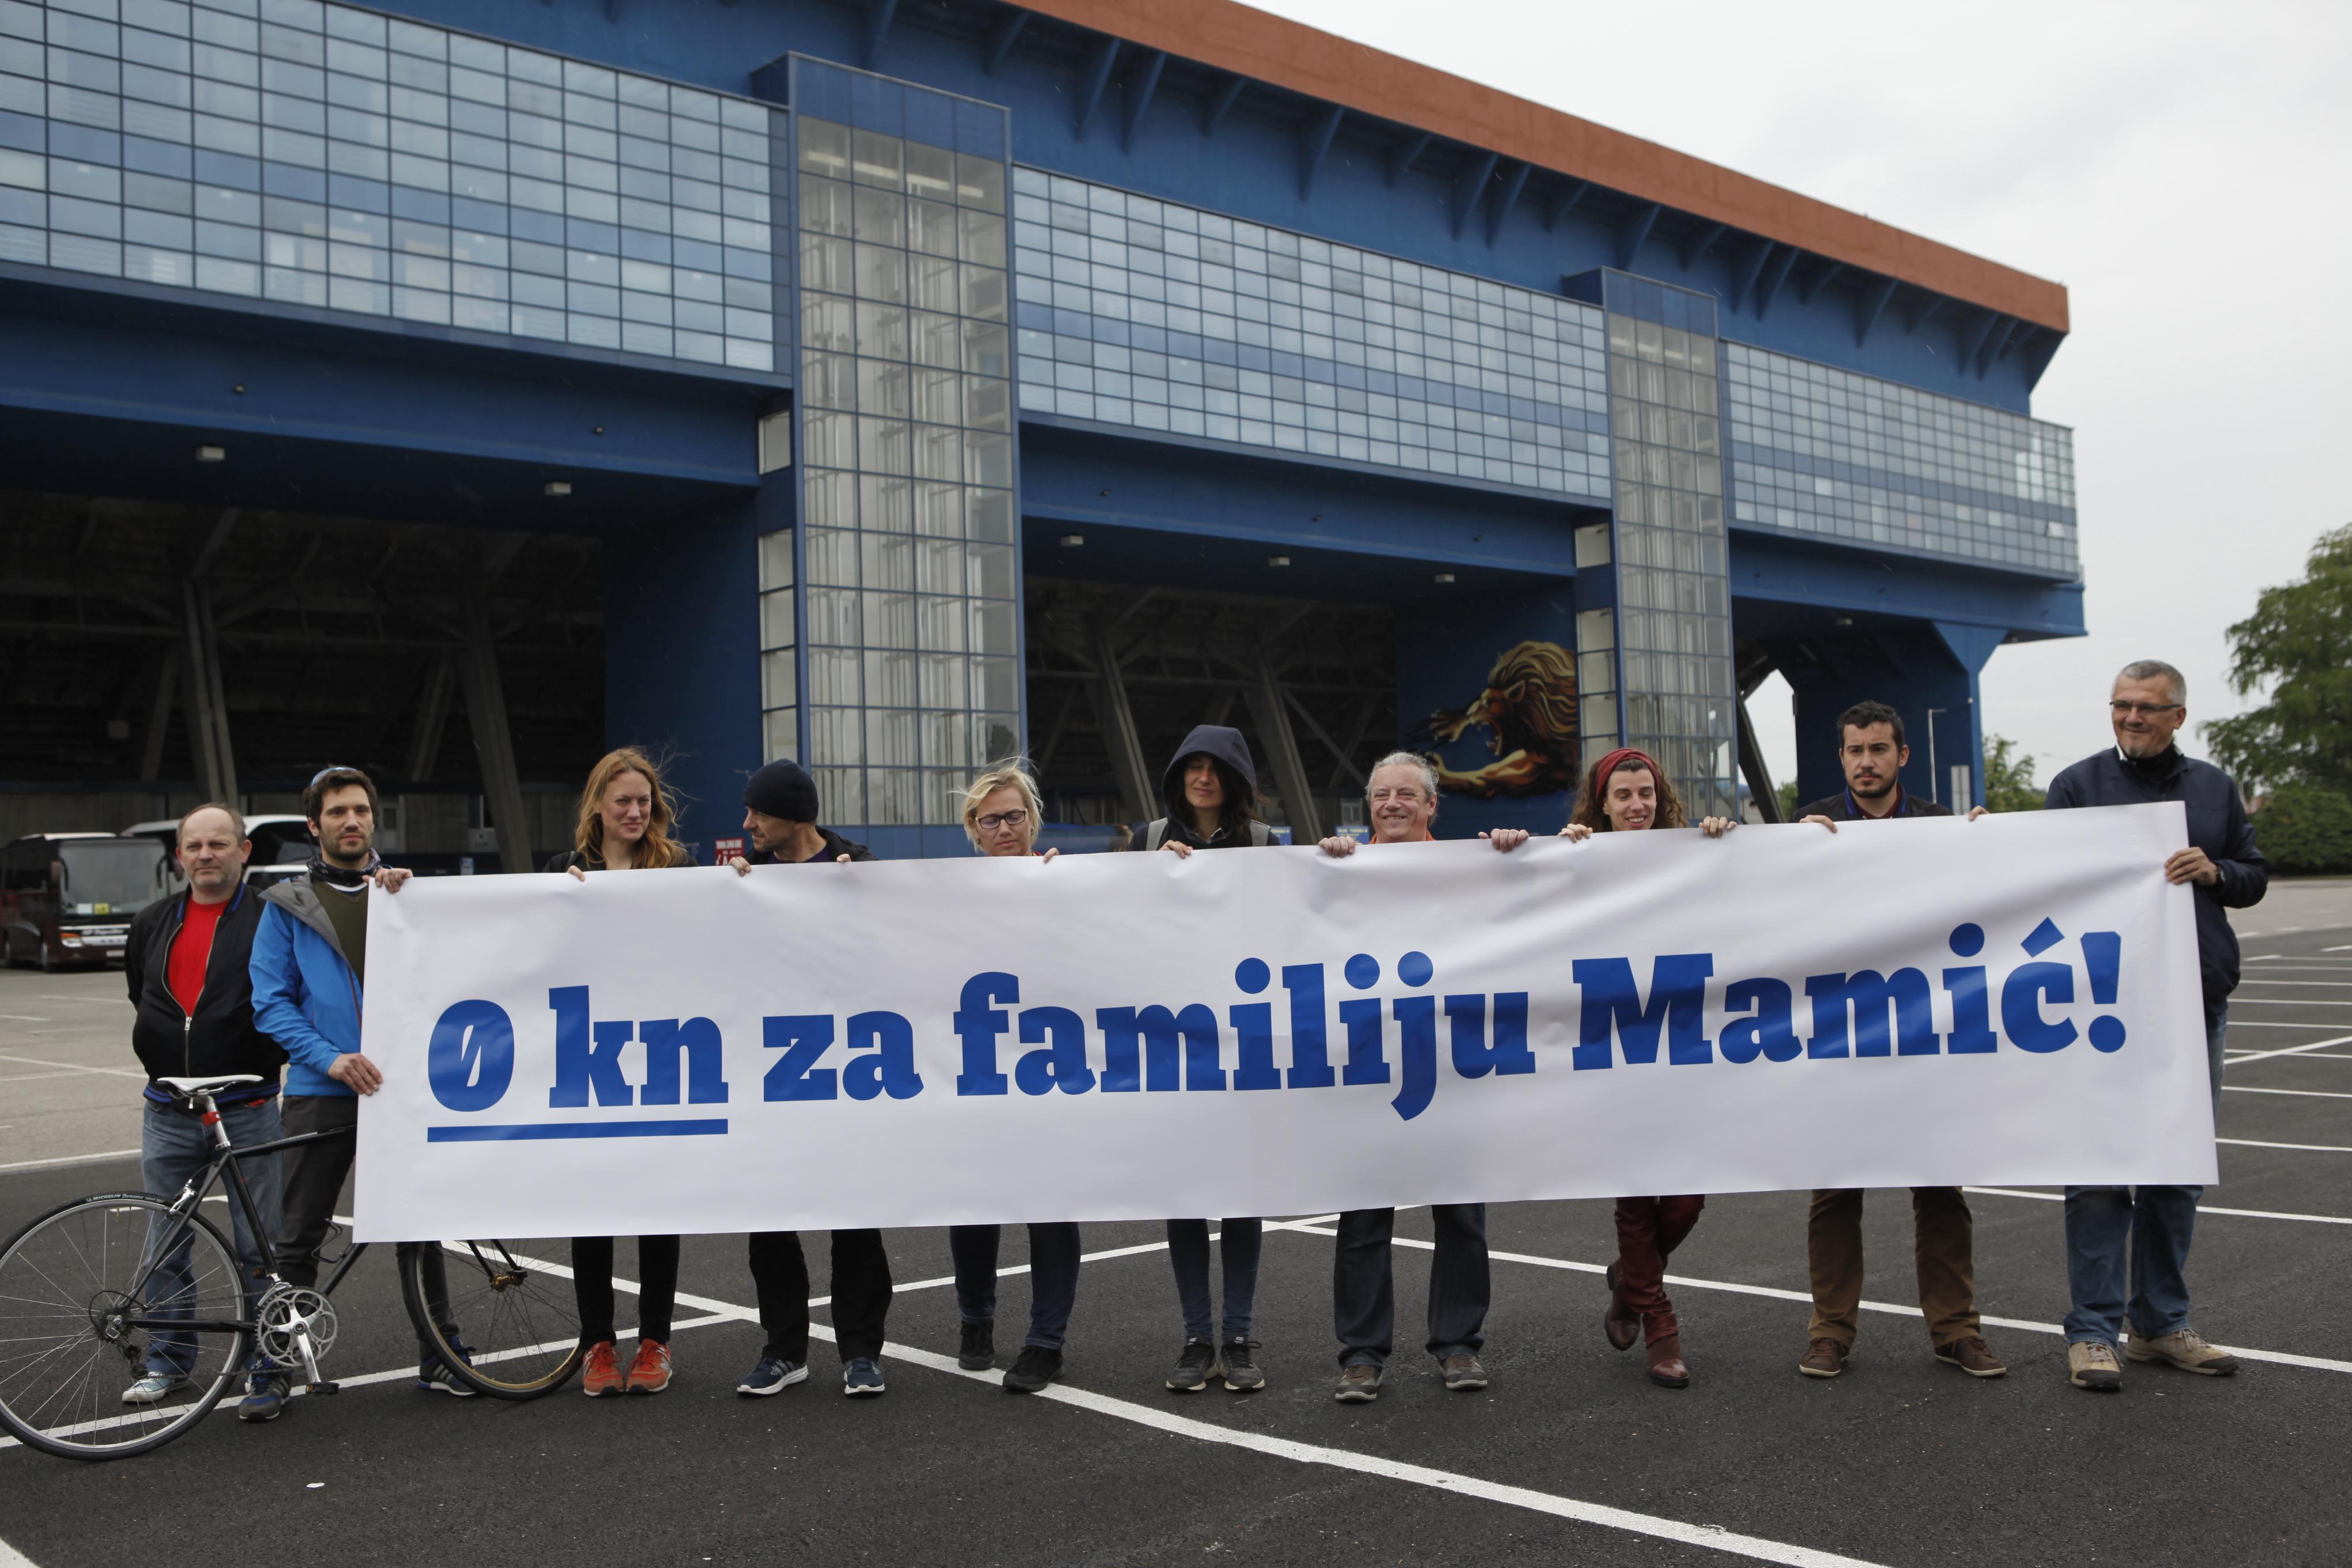 Nula kuna za familiju Mamić: akcija ispred Dinamovog stadiona koalicije Zagreb je NAŠ! – Nova ljevica – ORaH – Radnička fronta – ZA GRAD